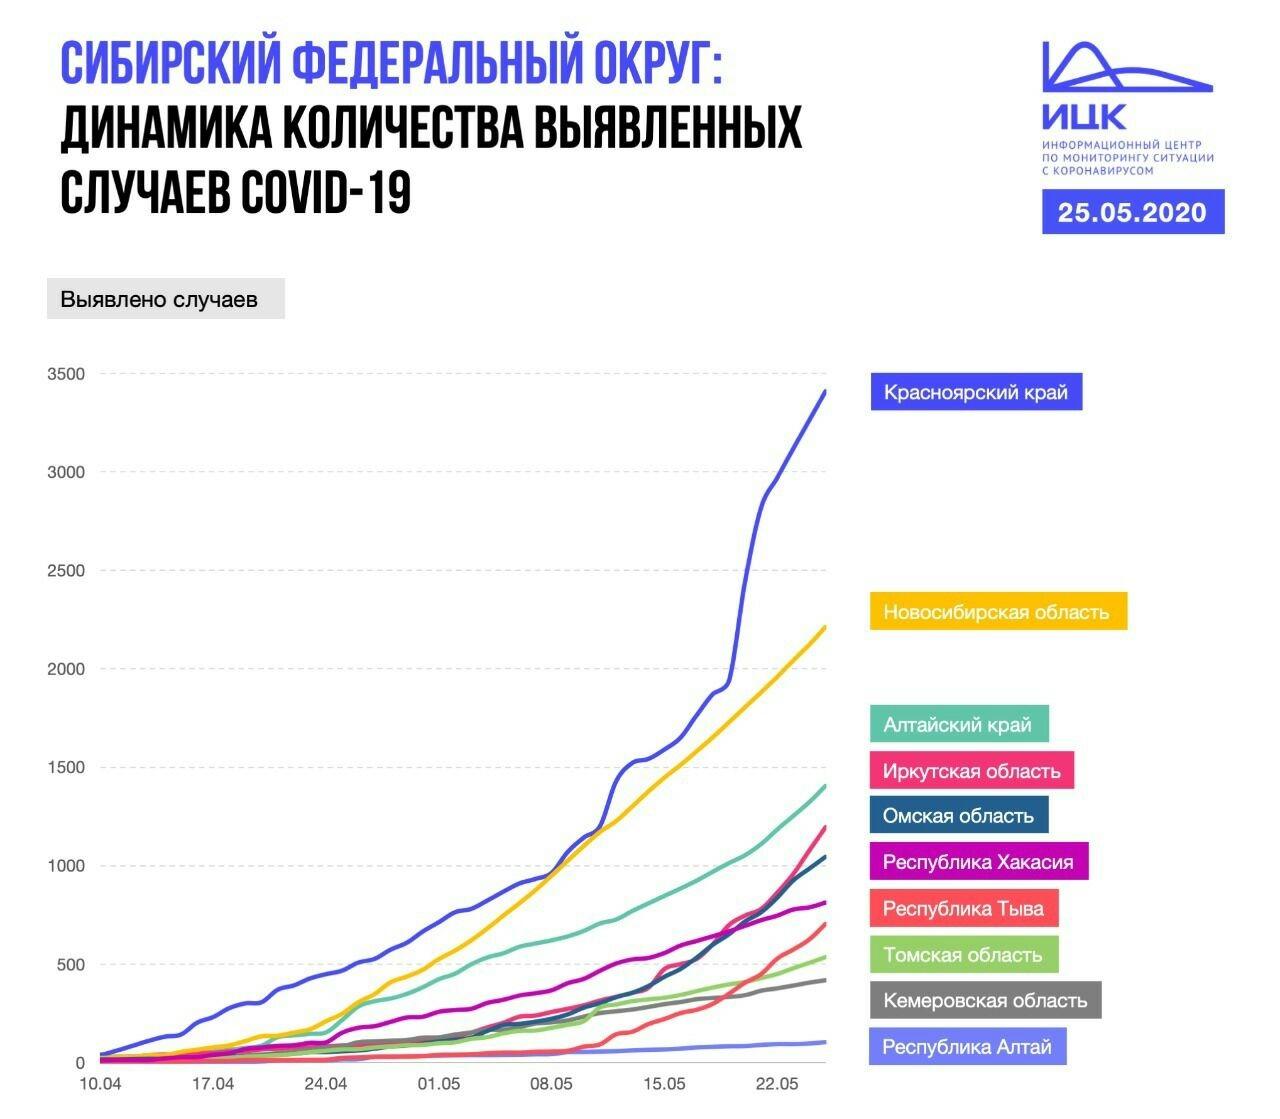 фото Последняя неделя самоизоляции: почему в Новосибирске нельзя ослаблять карантинные меры 8